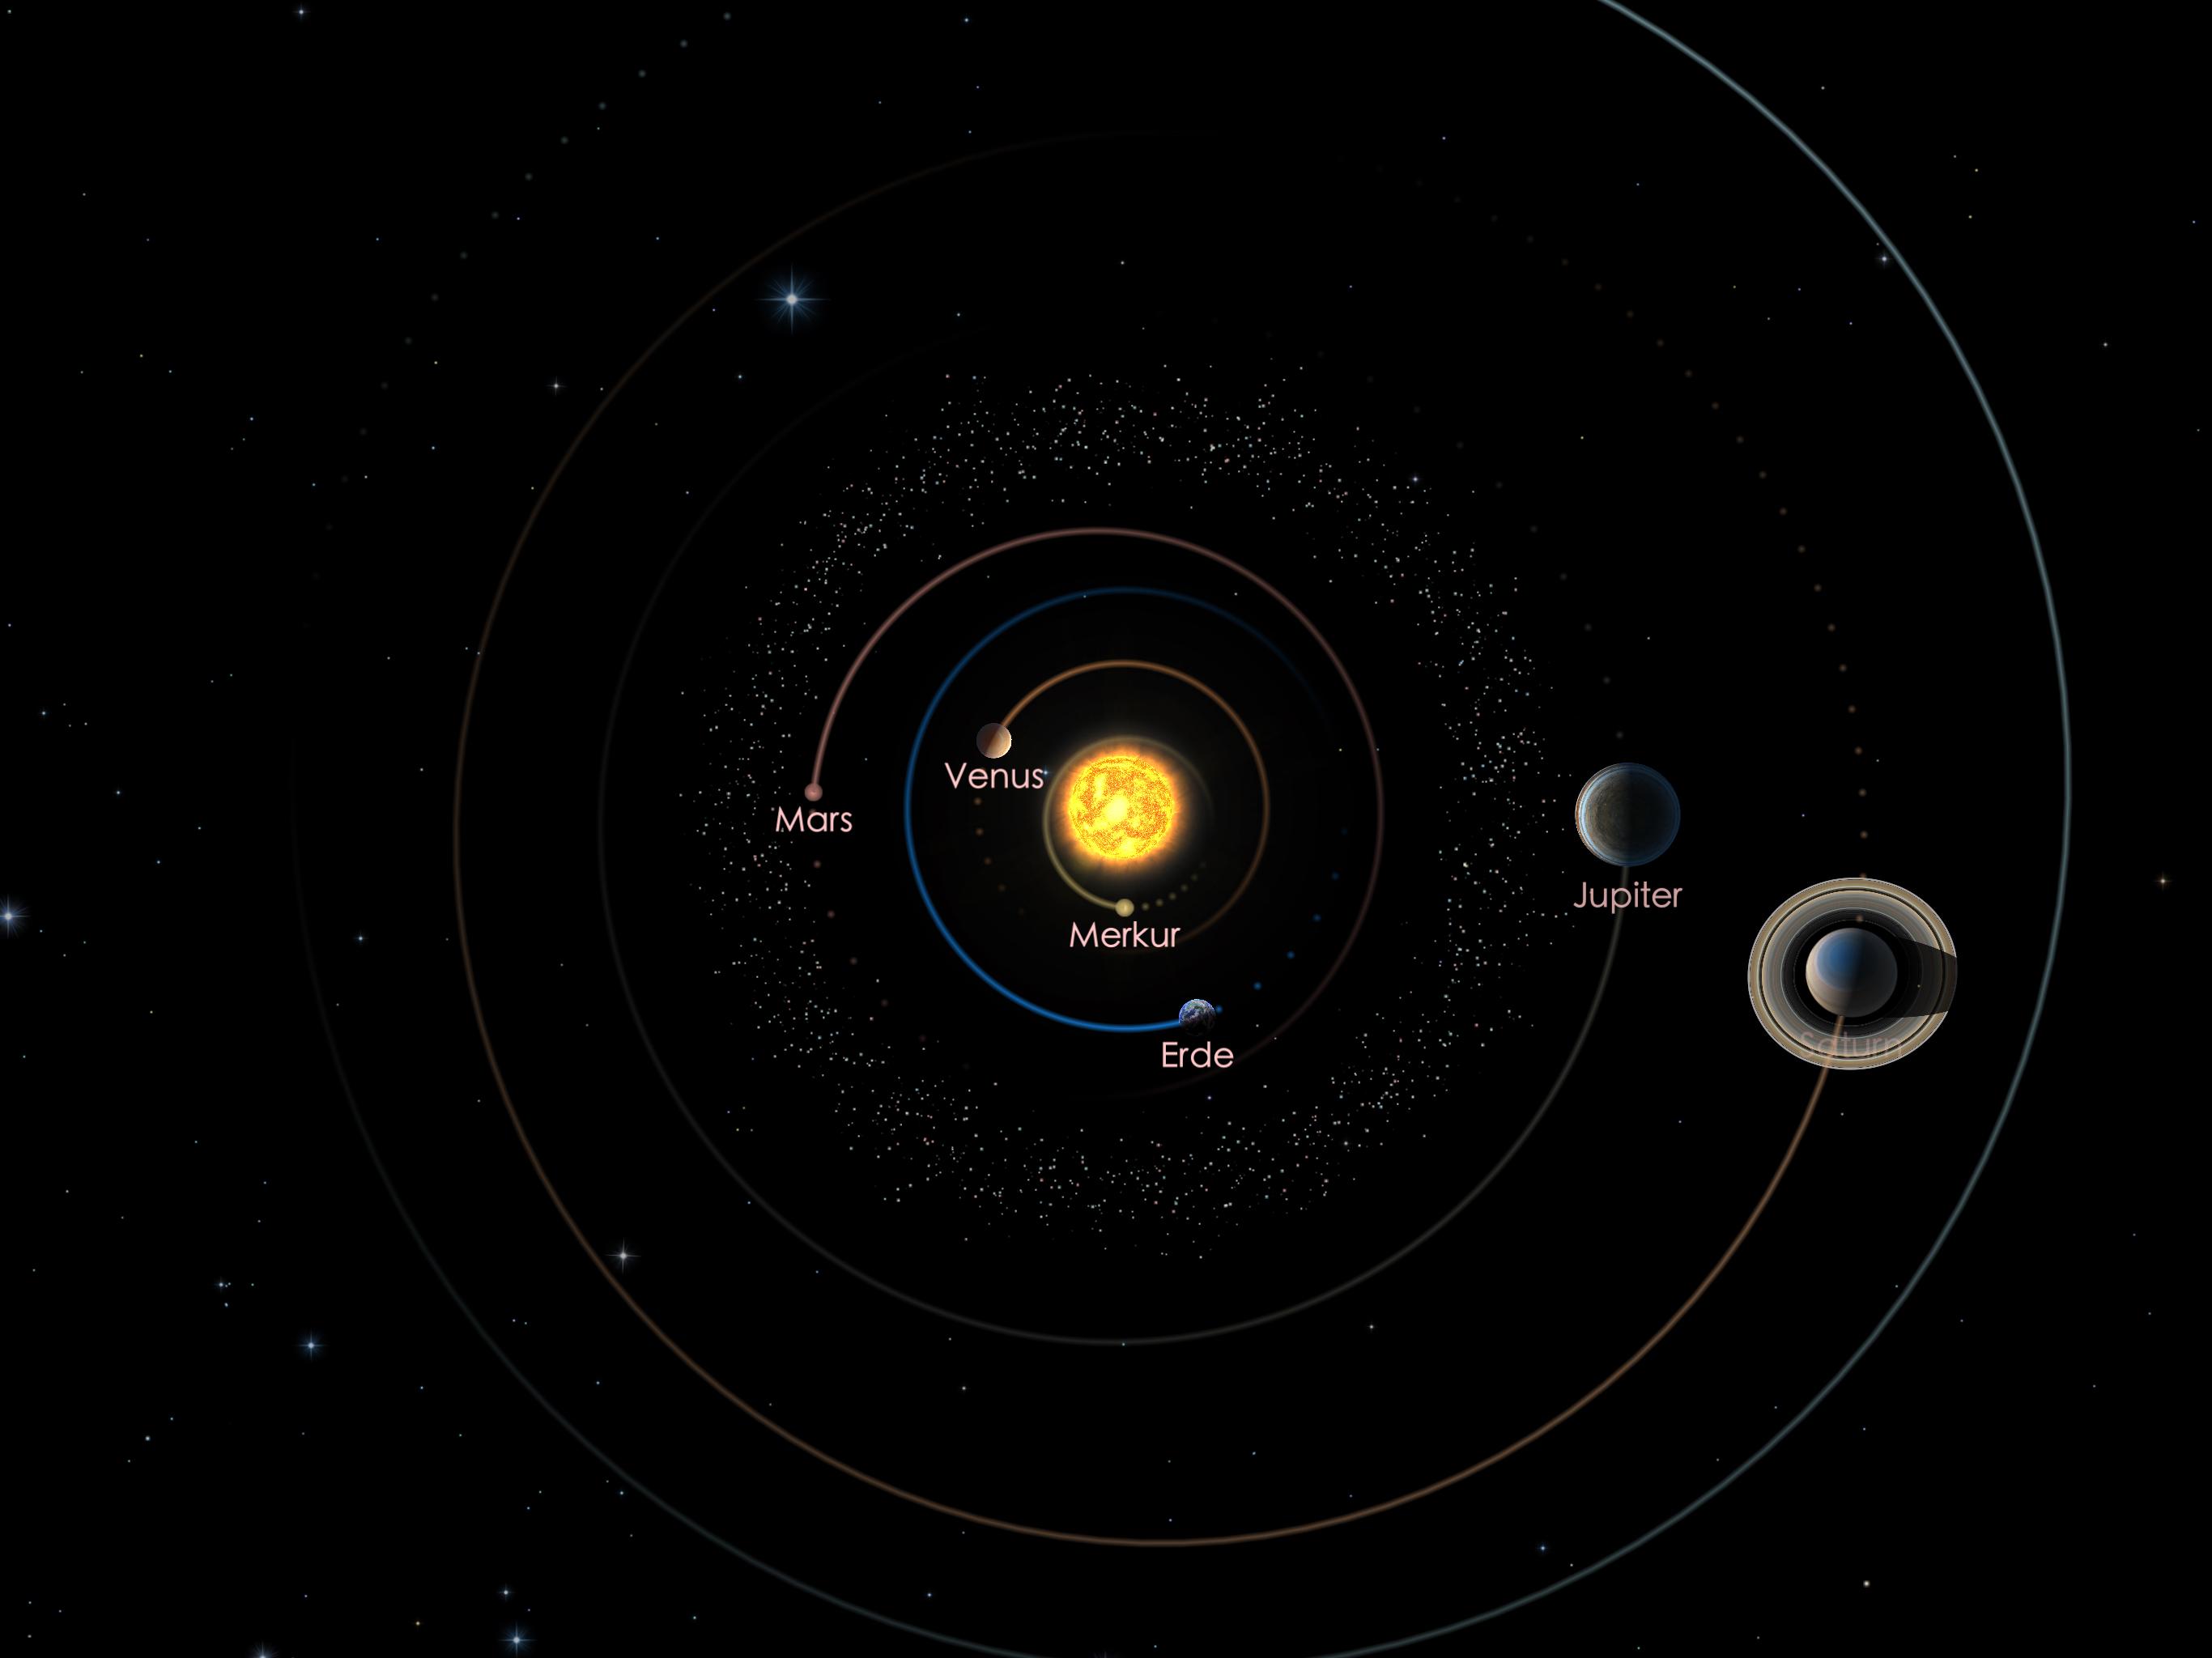 Die Positionen von Jupiter und Saturn am 01.06.21